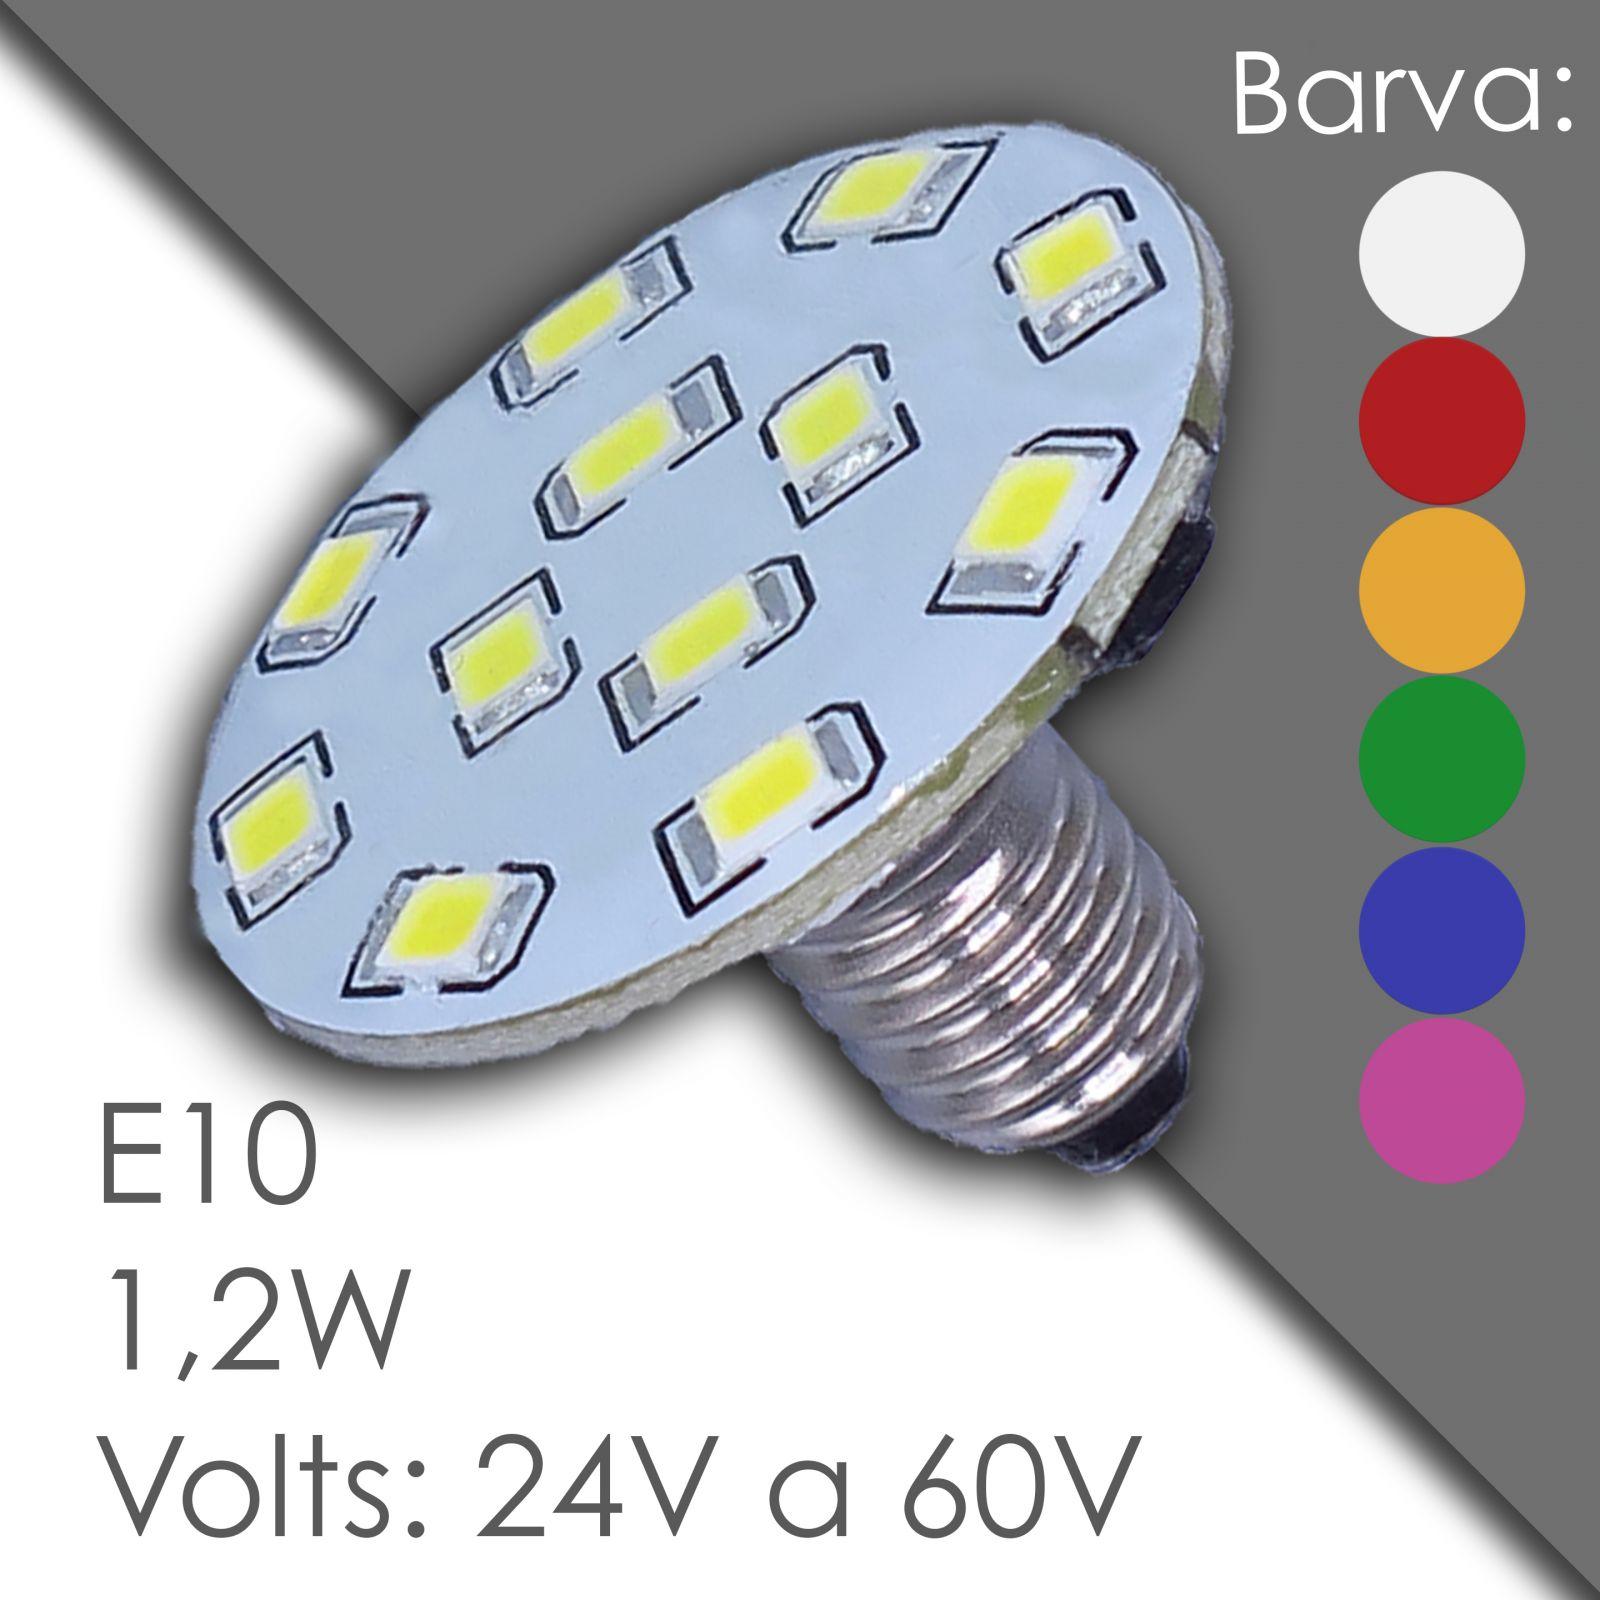 Led E10 - AC 24V, 60V, waterproof, in rubber